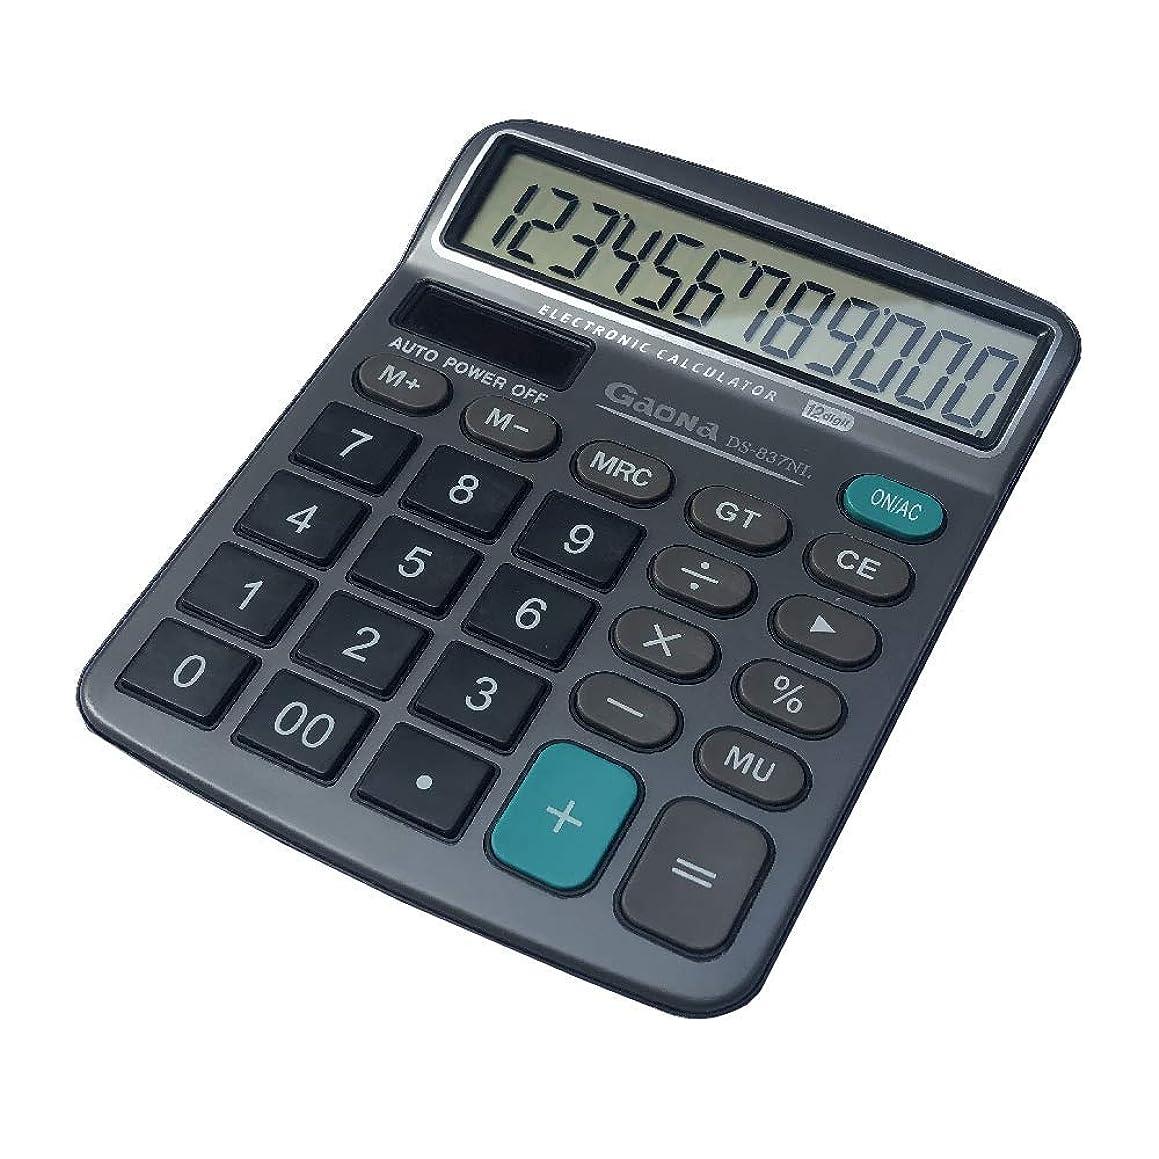 設計まあ放射能HIHUHEN 電卓 (アルミ合金パネル) 12桁 計算機 大型 ボタン 卓上 電卓 学校 自宅 オフィス用 電池付き